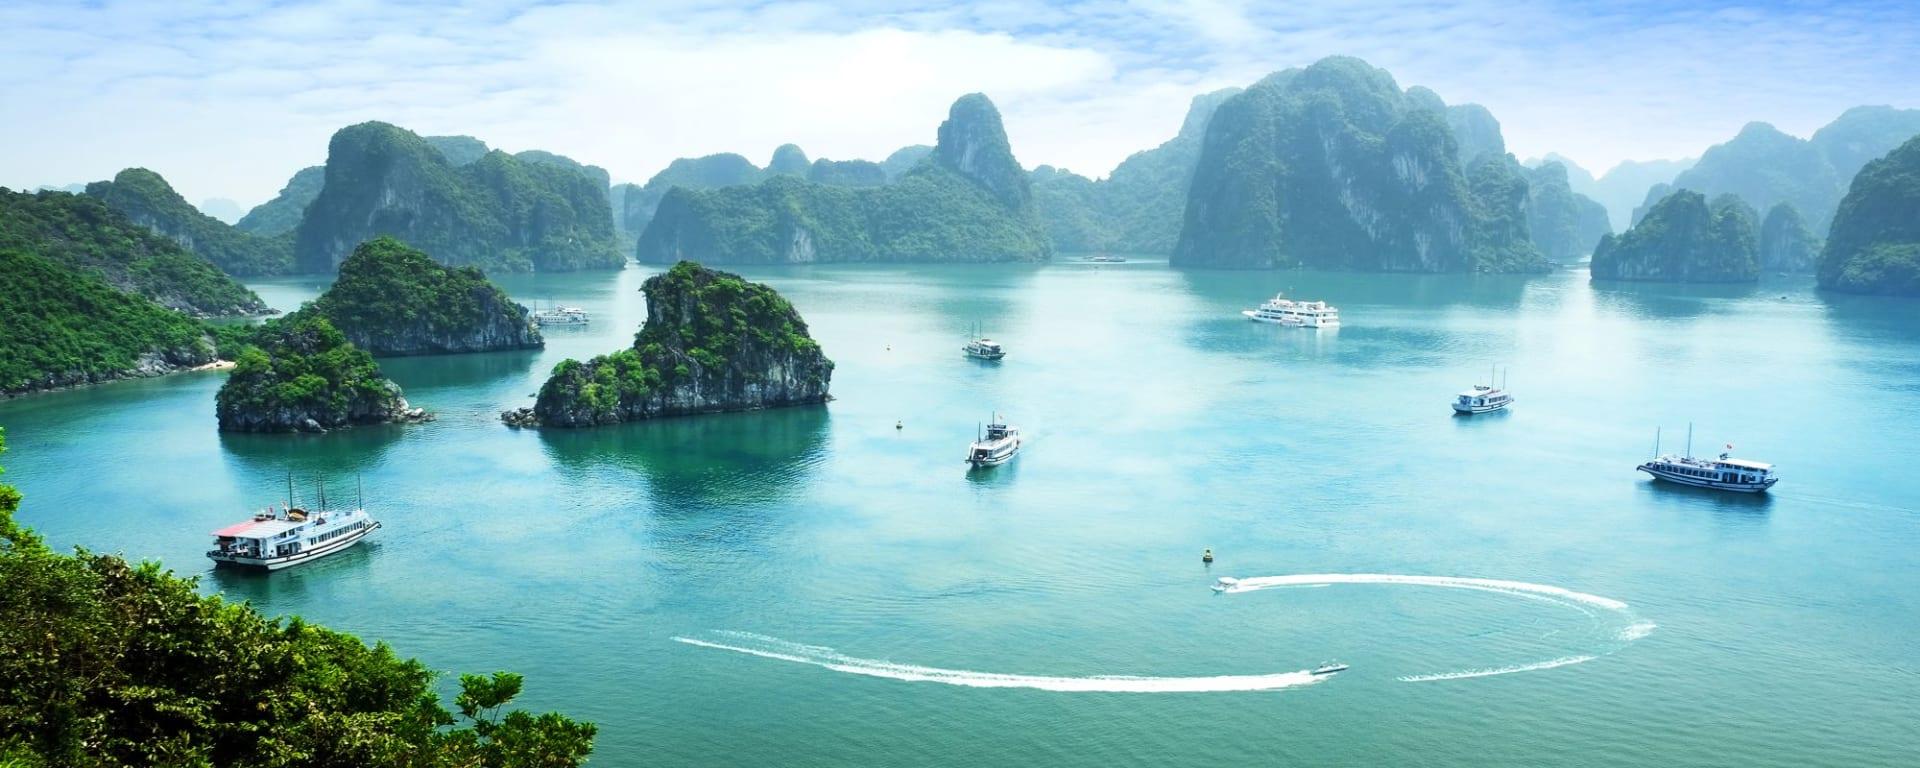 Croisières dans la baie de Halong avec «Bhaya Classic» de Hanoi: Halong Bay